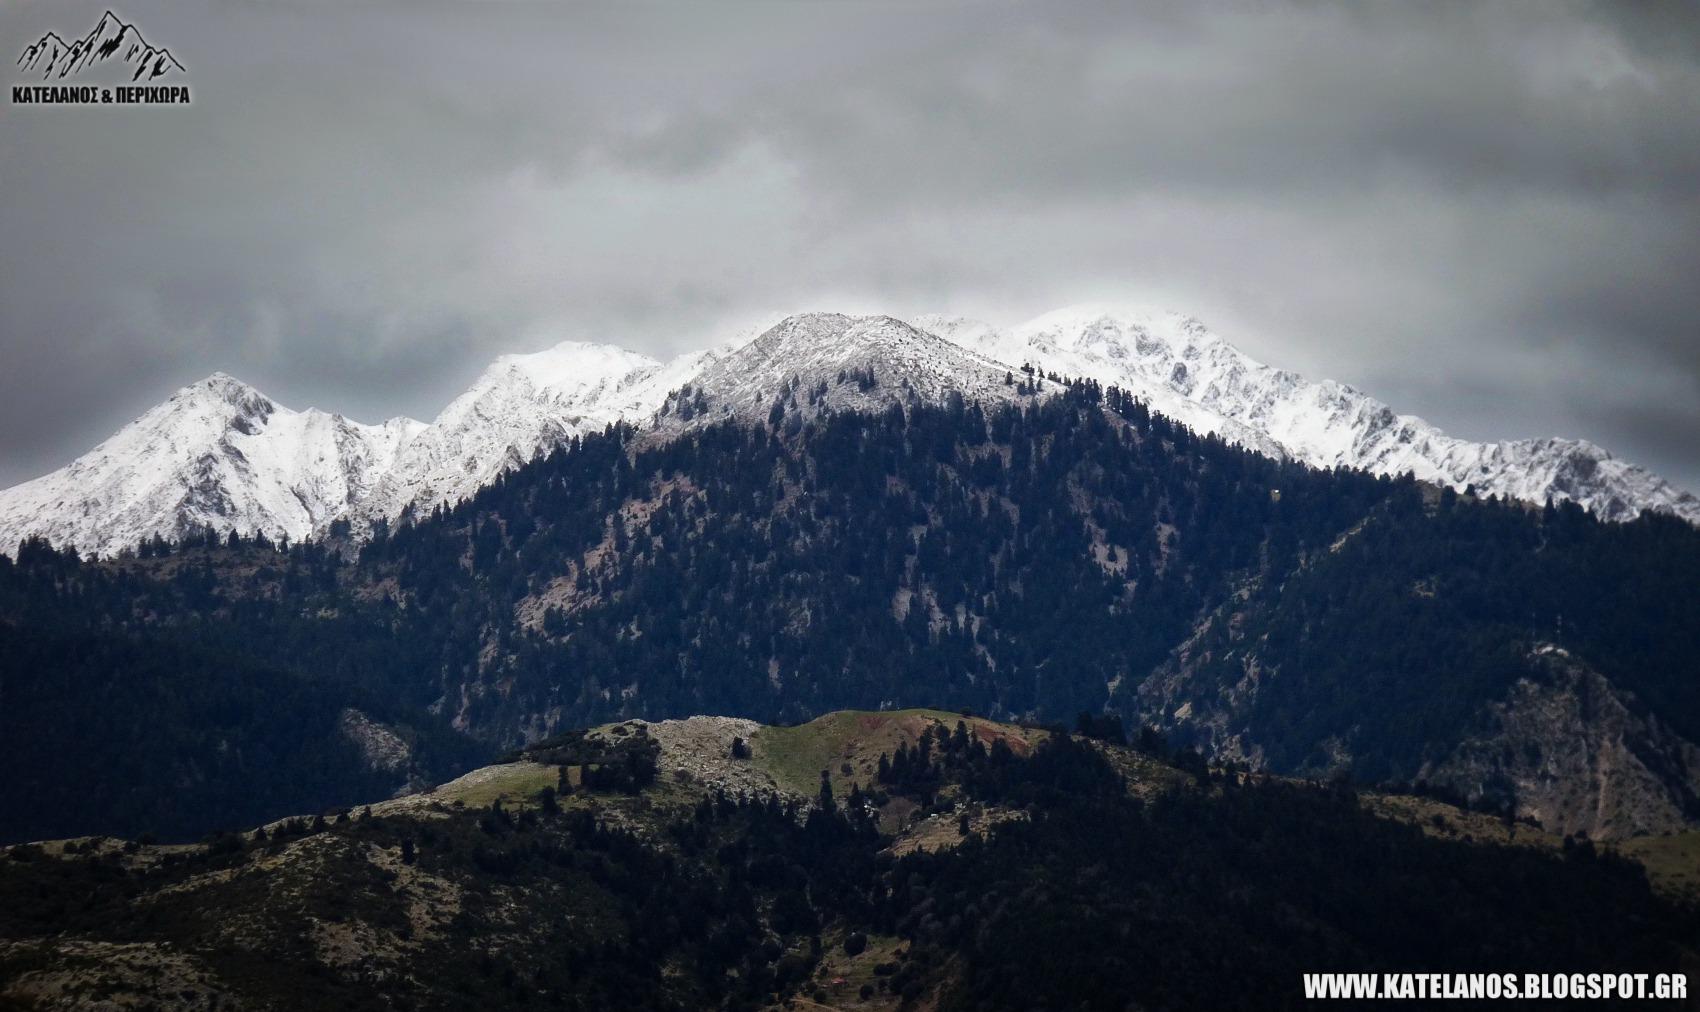 ντομη παναιτωλικο ορος πρωτα χιονια γιορλα βουνοκορφες